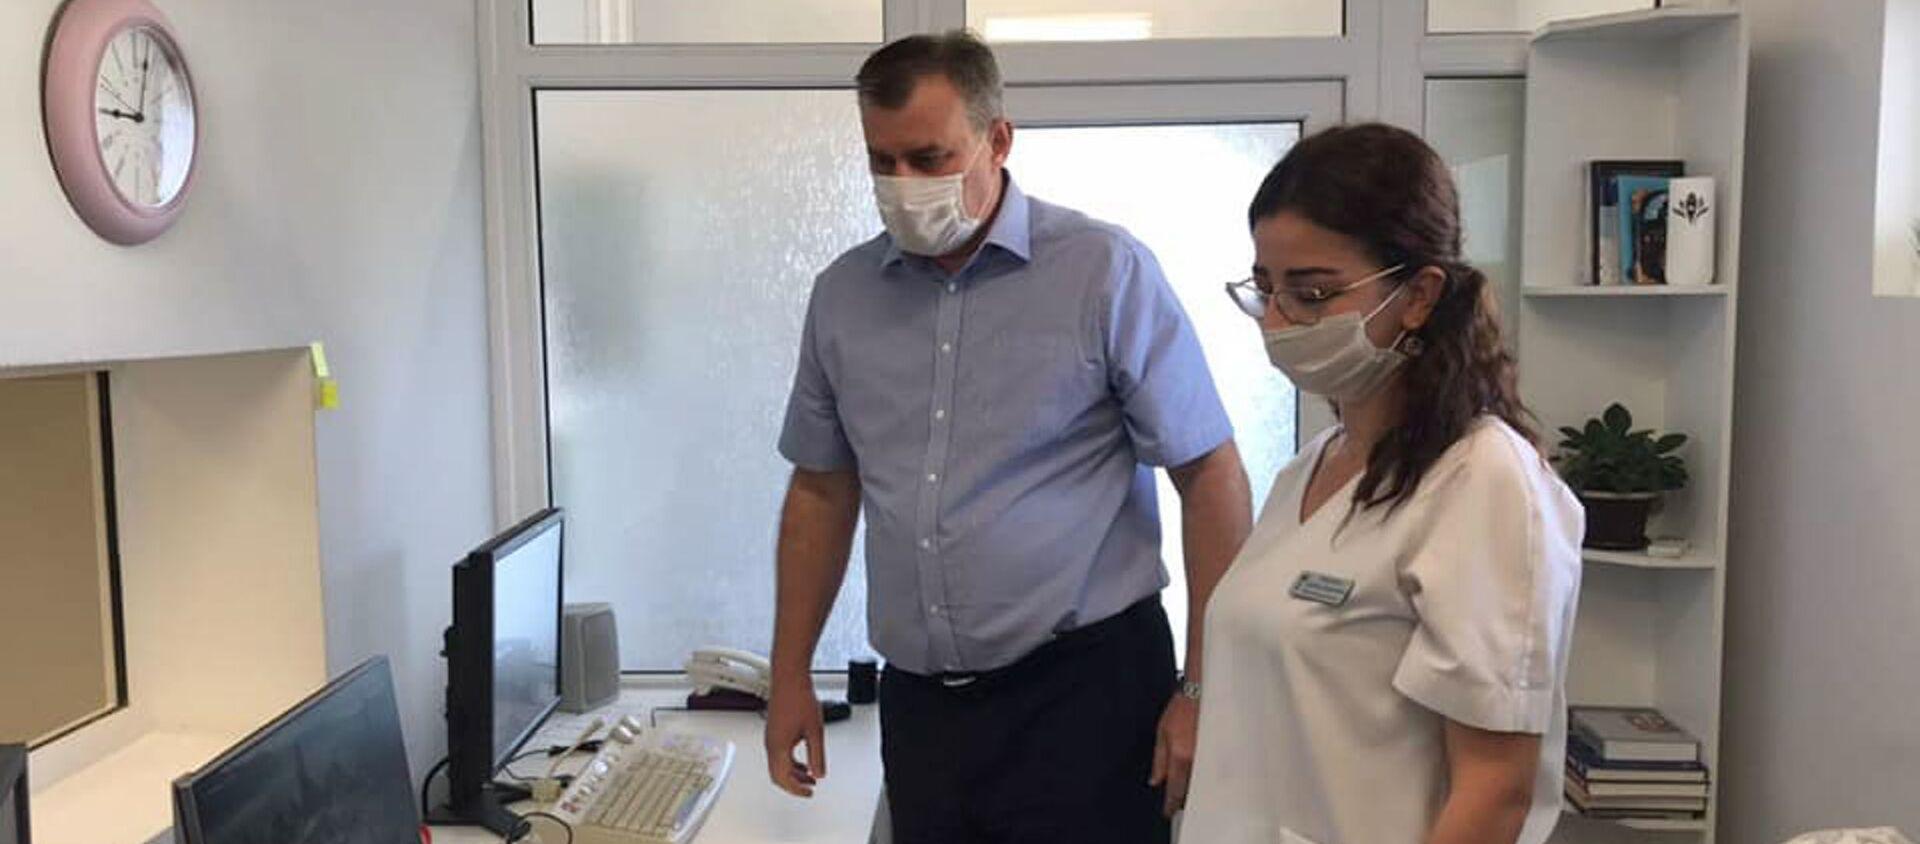 Компьютерный томограф в Гудаутском ковидном госпитале - Sputnik Абхазия, 1920, 09.09.2021